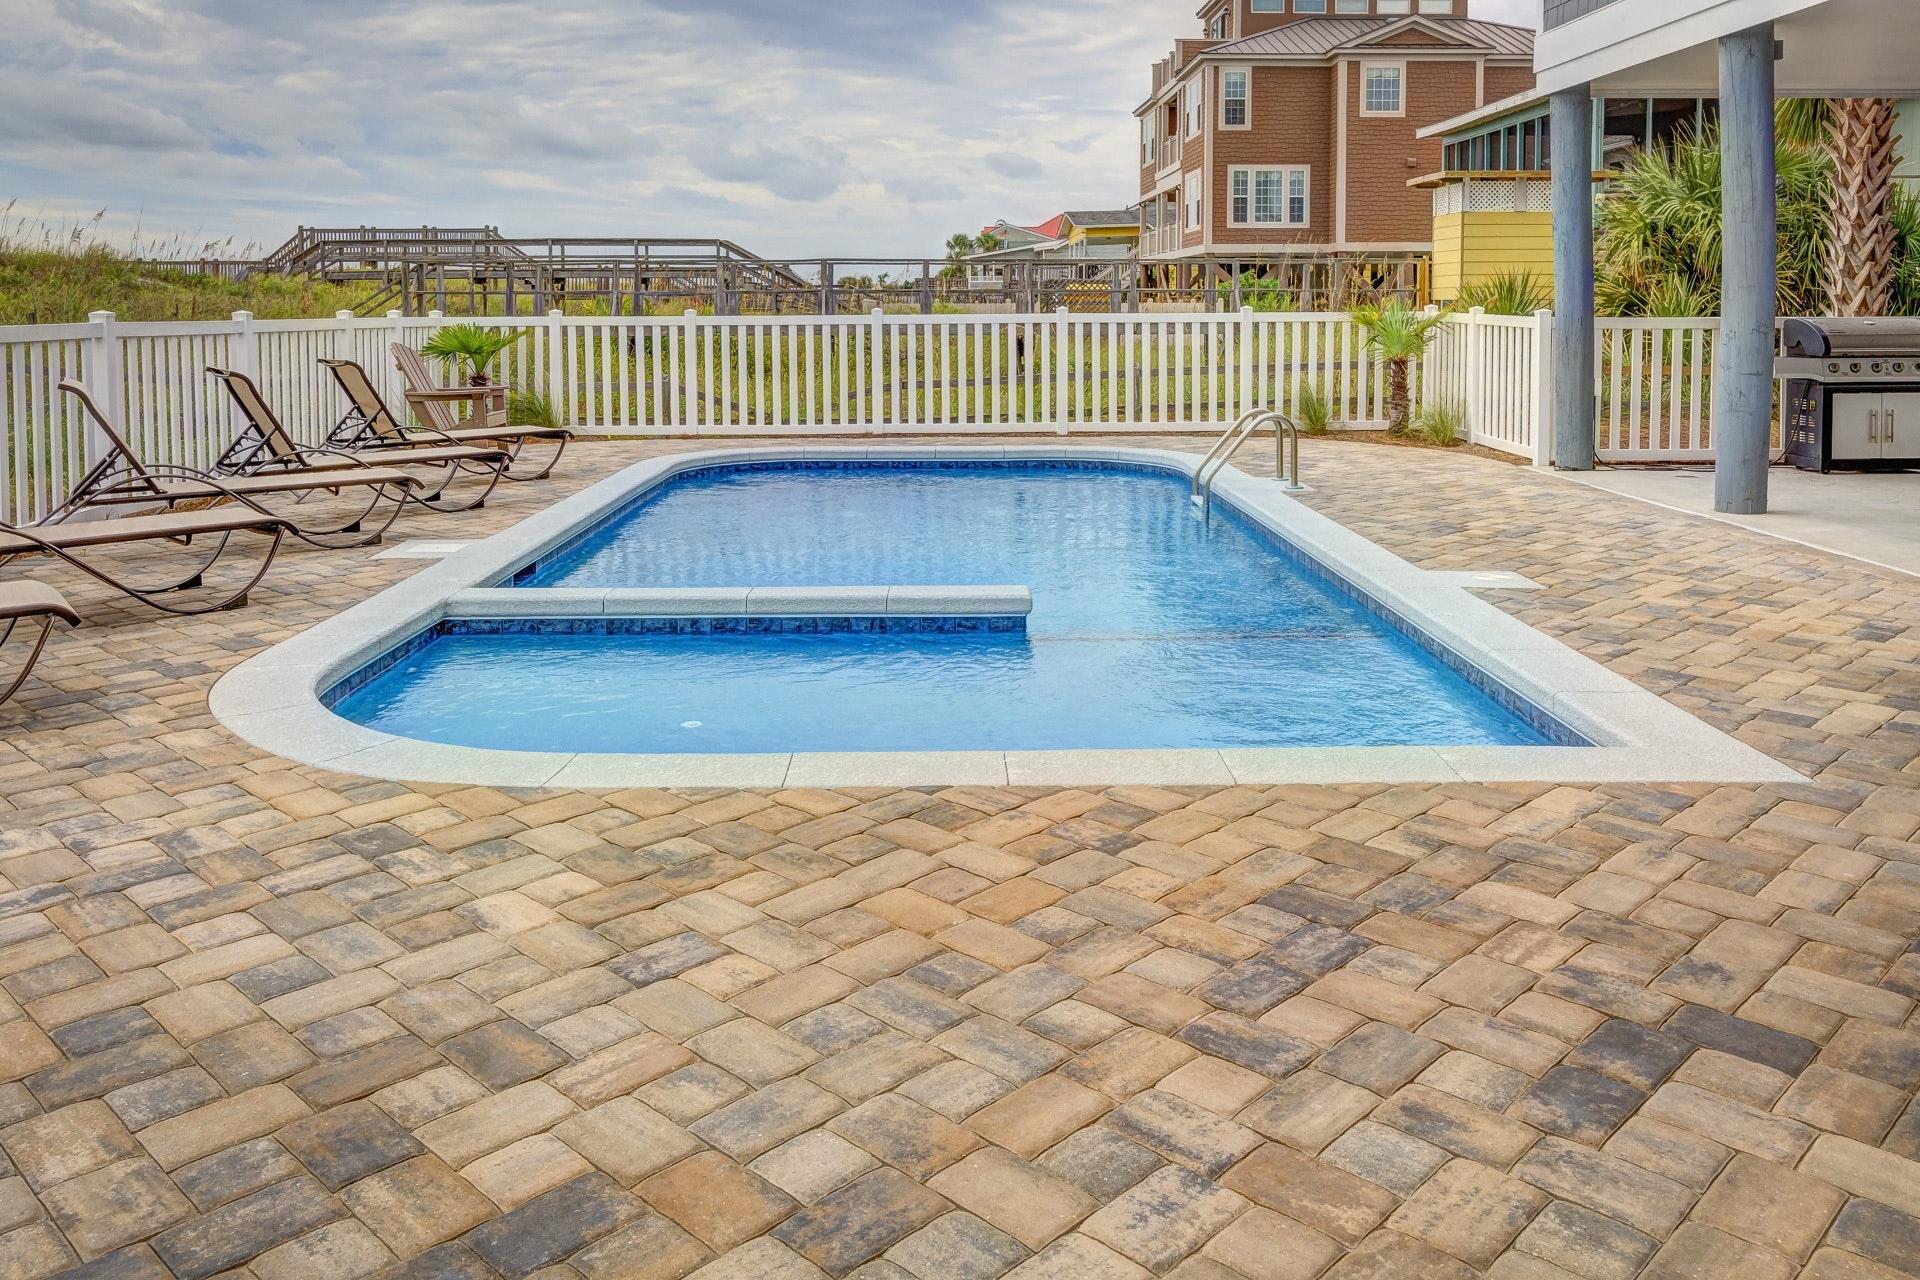 Pool Decks - Best American Builders